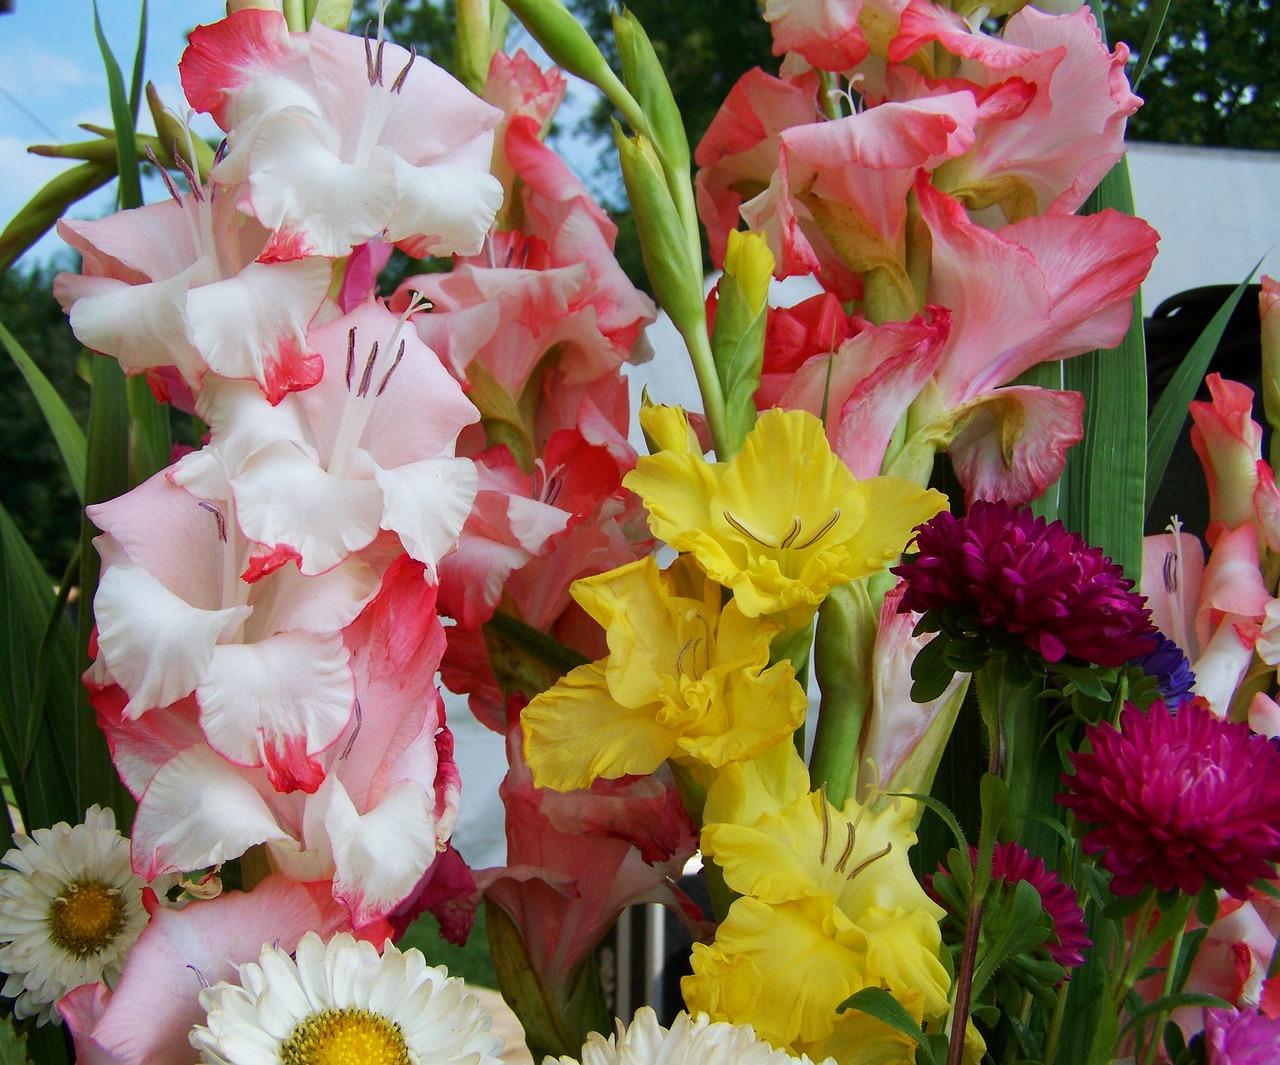 картинки гладиолусы цветы букеты сделать деревянную